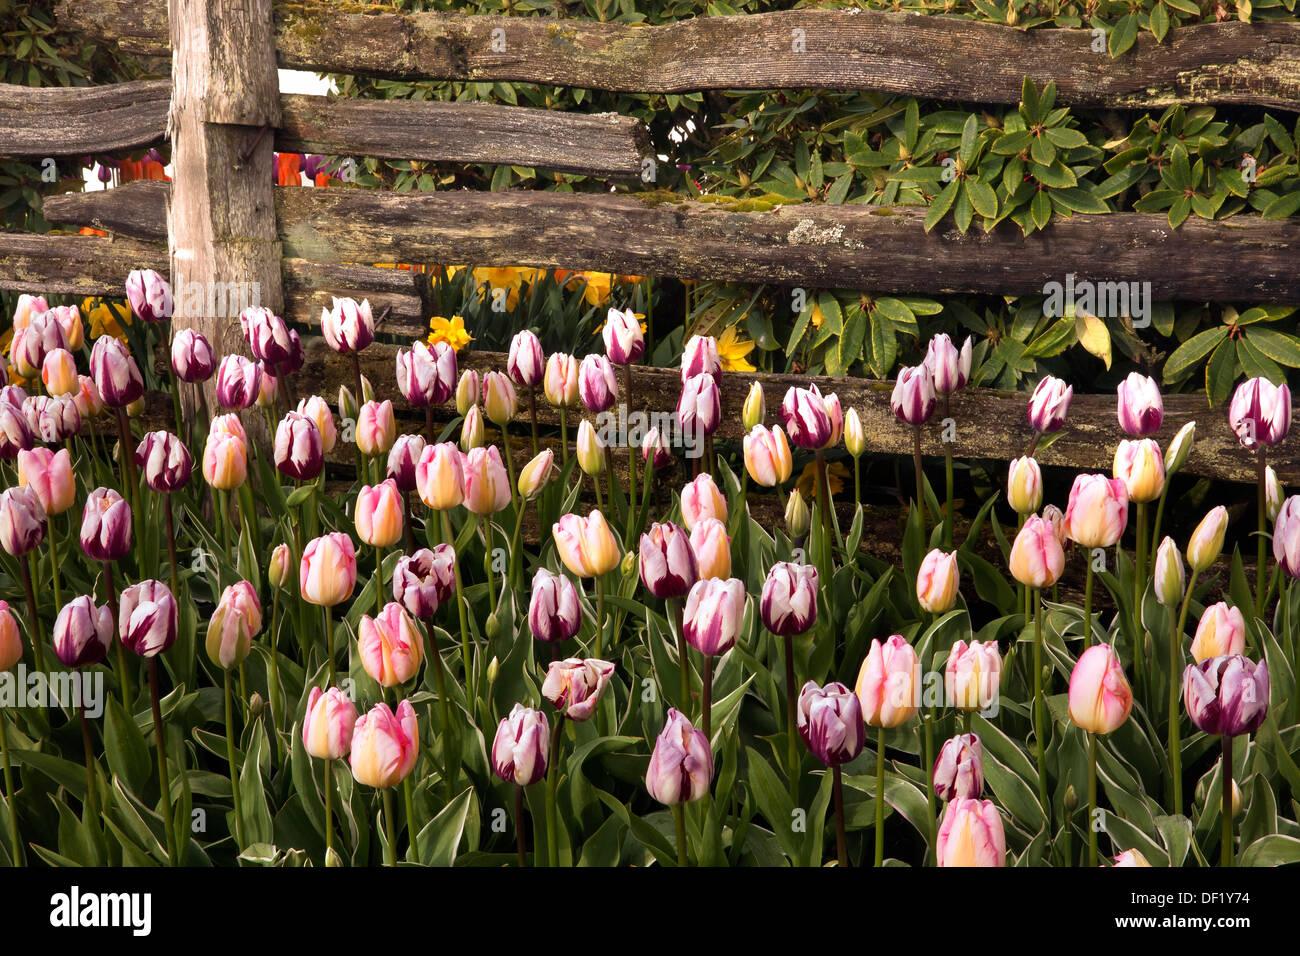 Tulip Garden Fence Spring Stock Photos & Tulip Garden Fence Spring ...